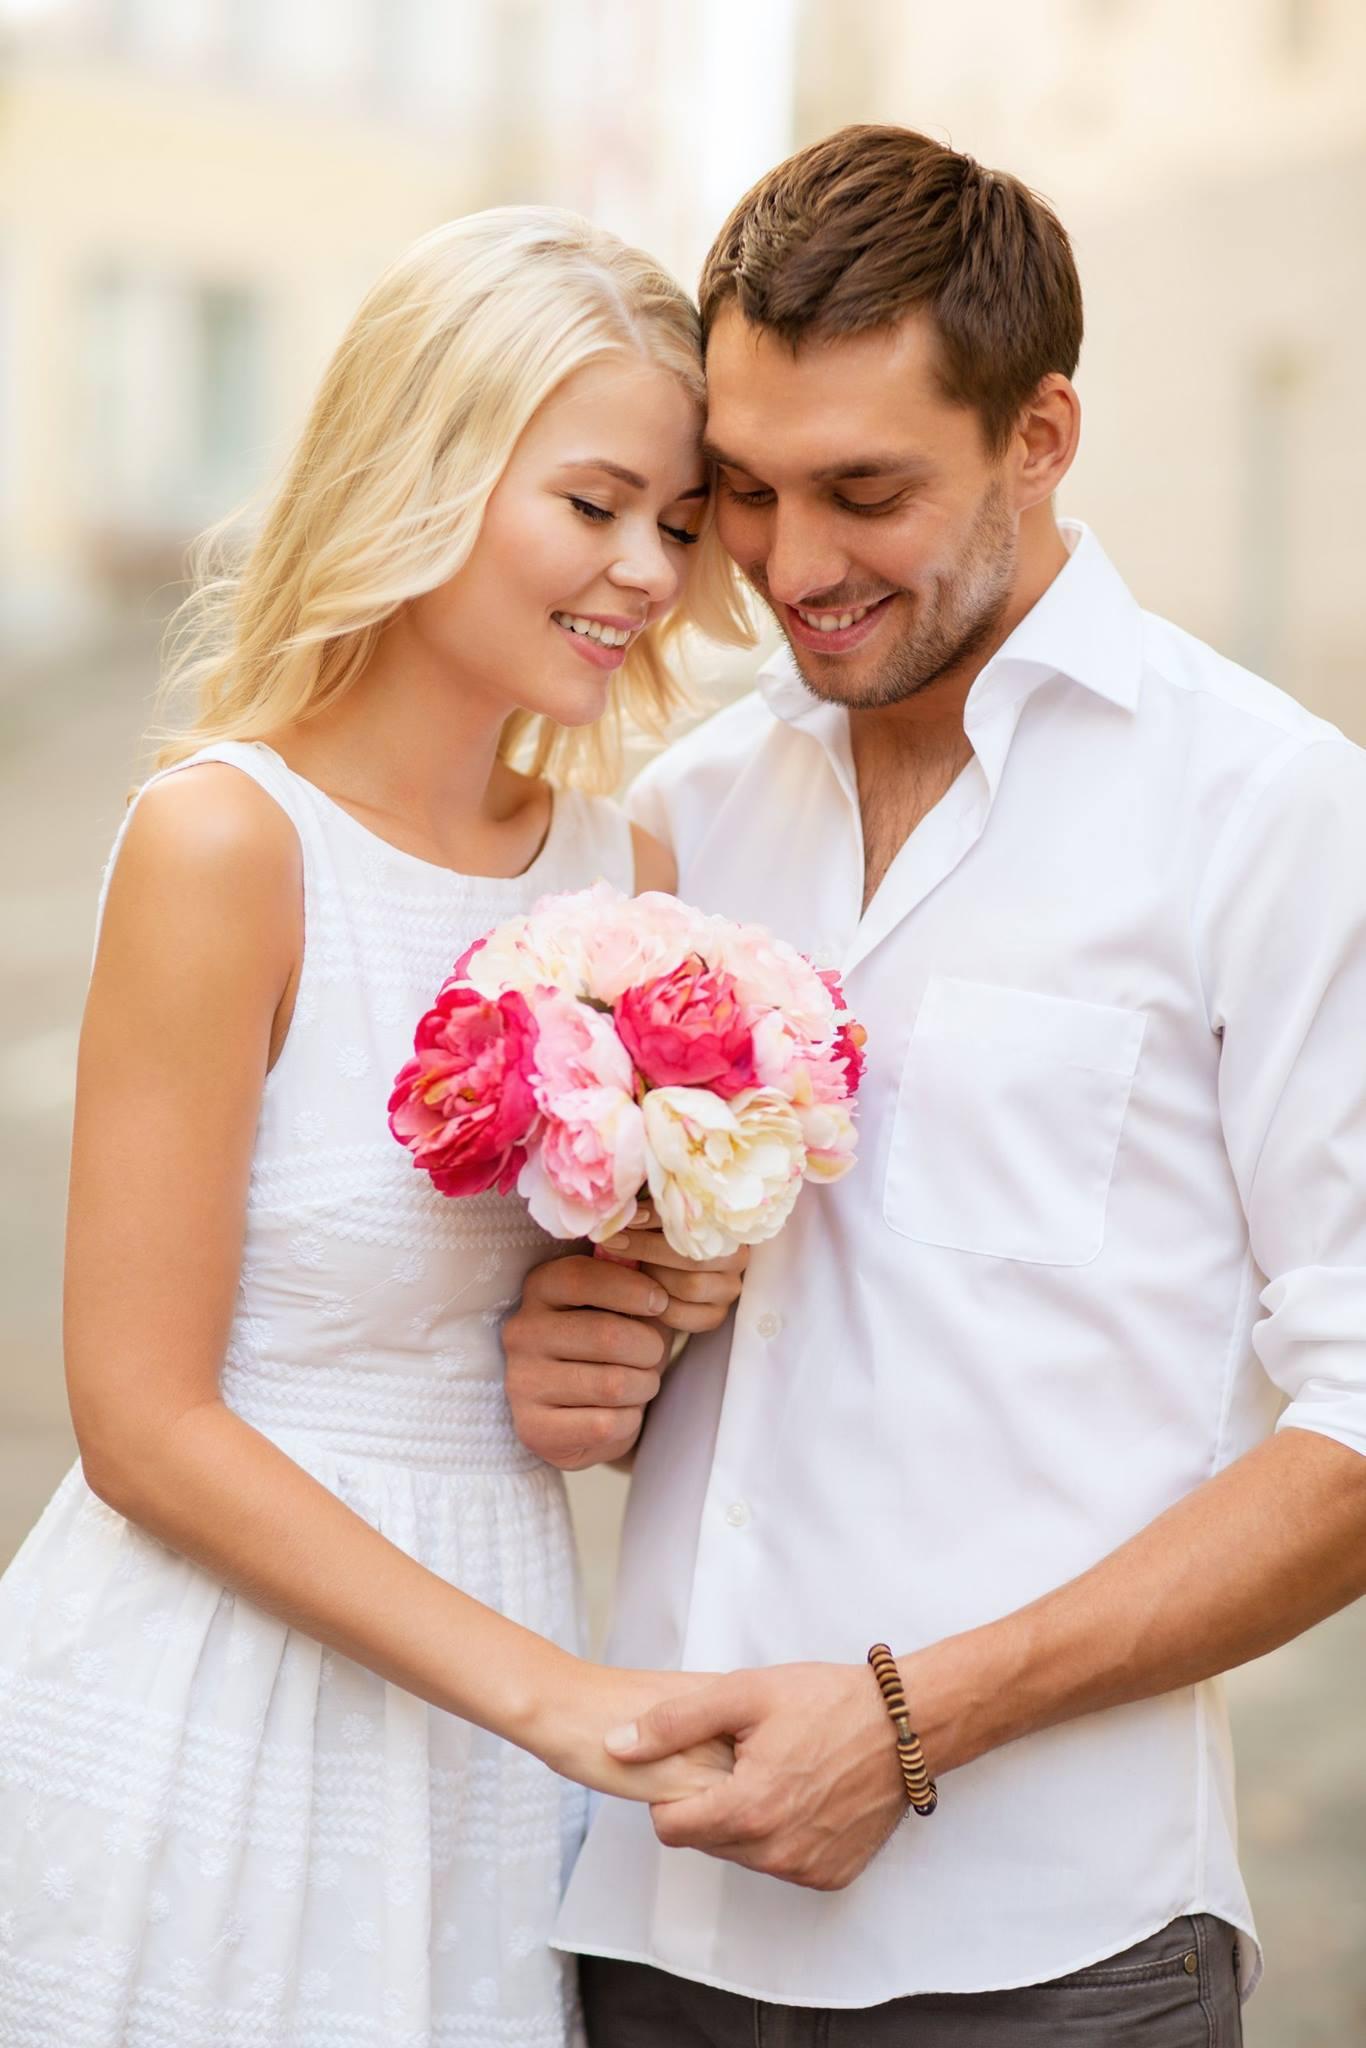 بالصور صورة بنات واولاد حب , خلفيات رومانسية جدا 4539 4